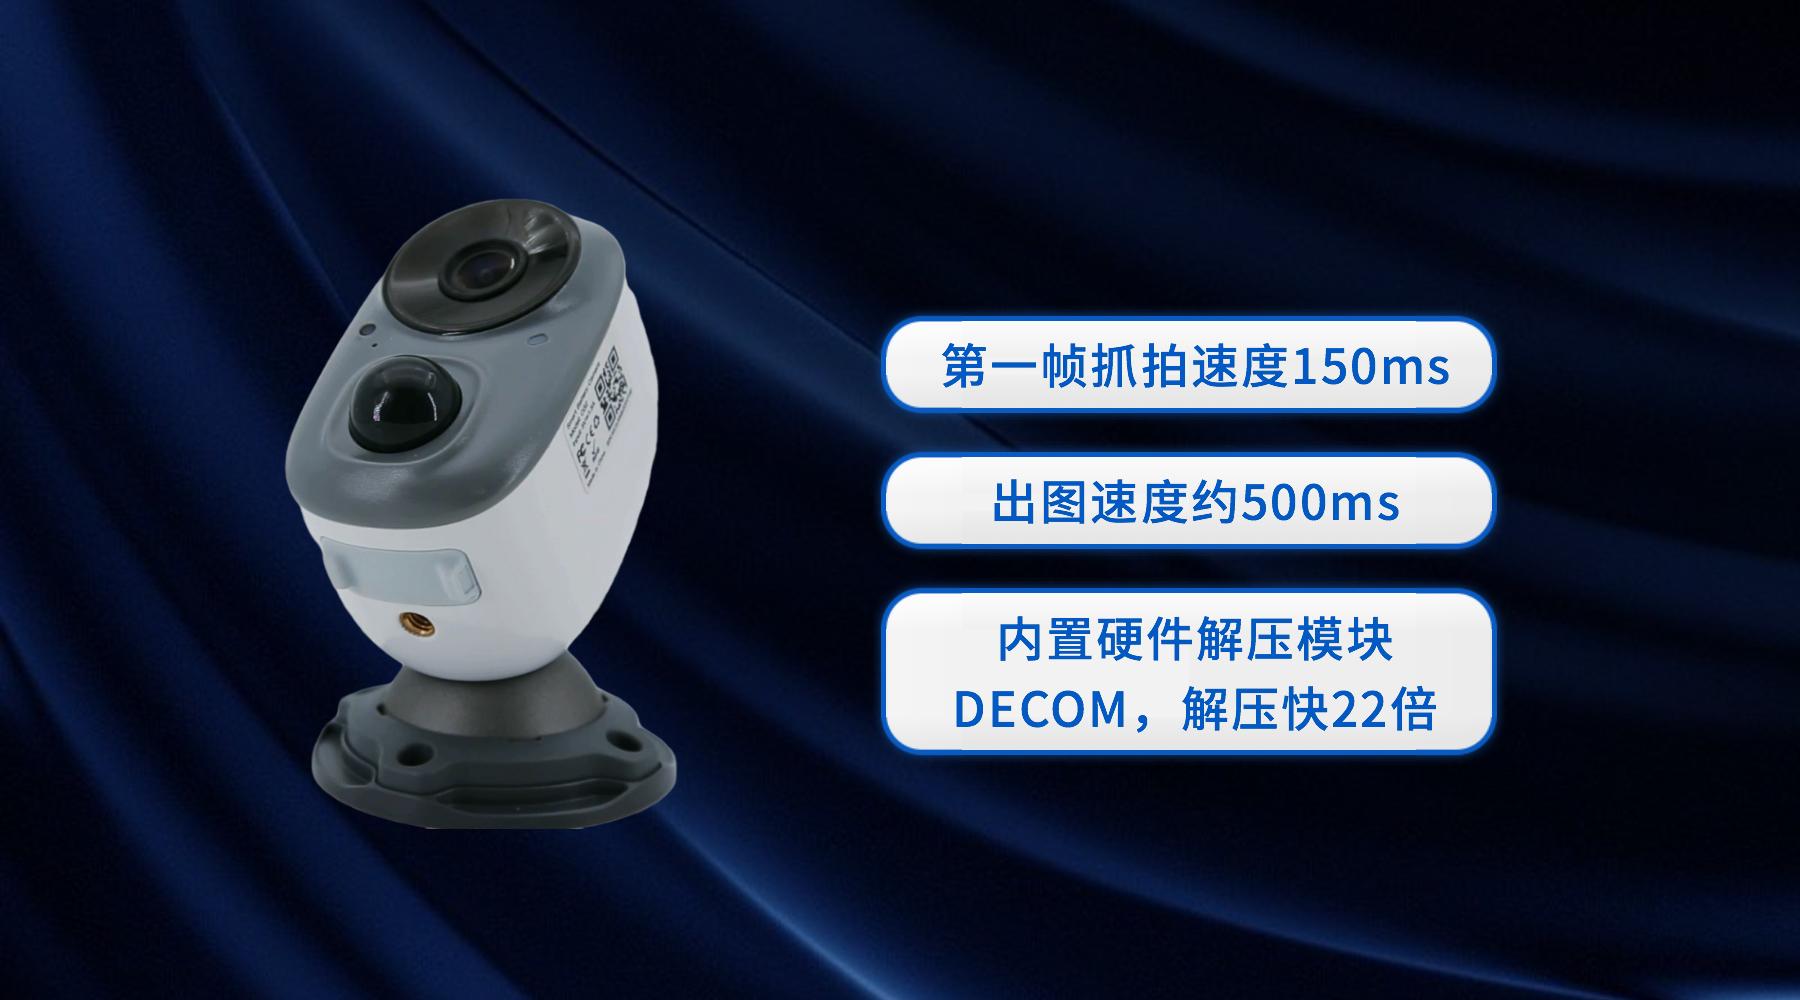 瑞芯微RV1126/RV1109 有效解決電池類安防產品痛點